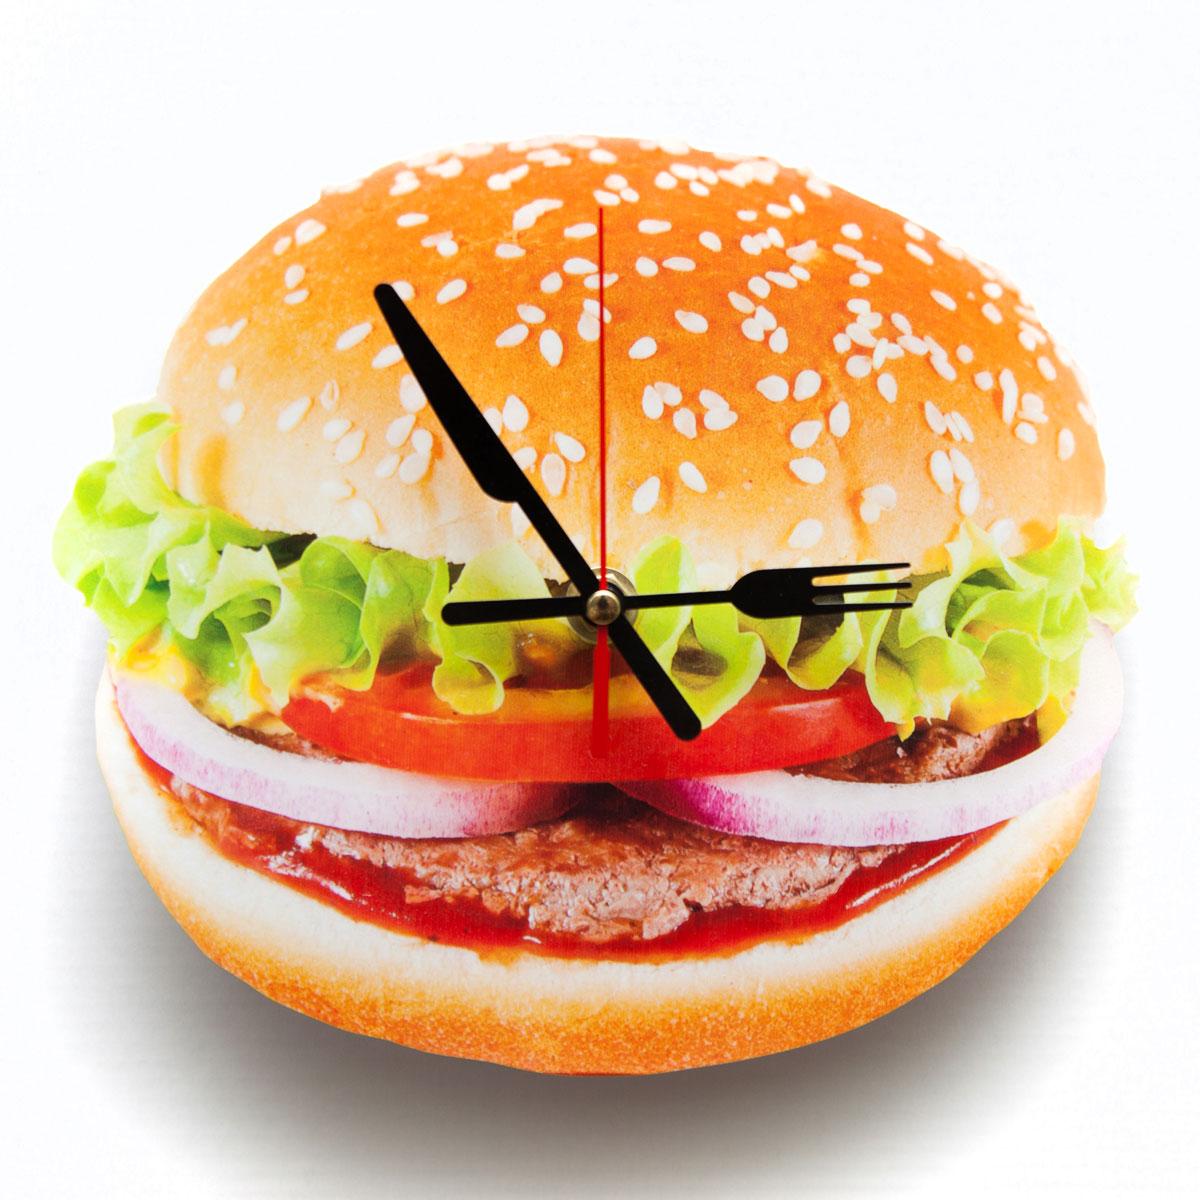 Часы настенные Magellanno Бургер, кварцевые, цвет: желтый, 21 х 21 см золотой браслет с часов марка модной platinum часов реального позолоченные 21 см уникальный раунда цепи